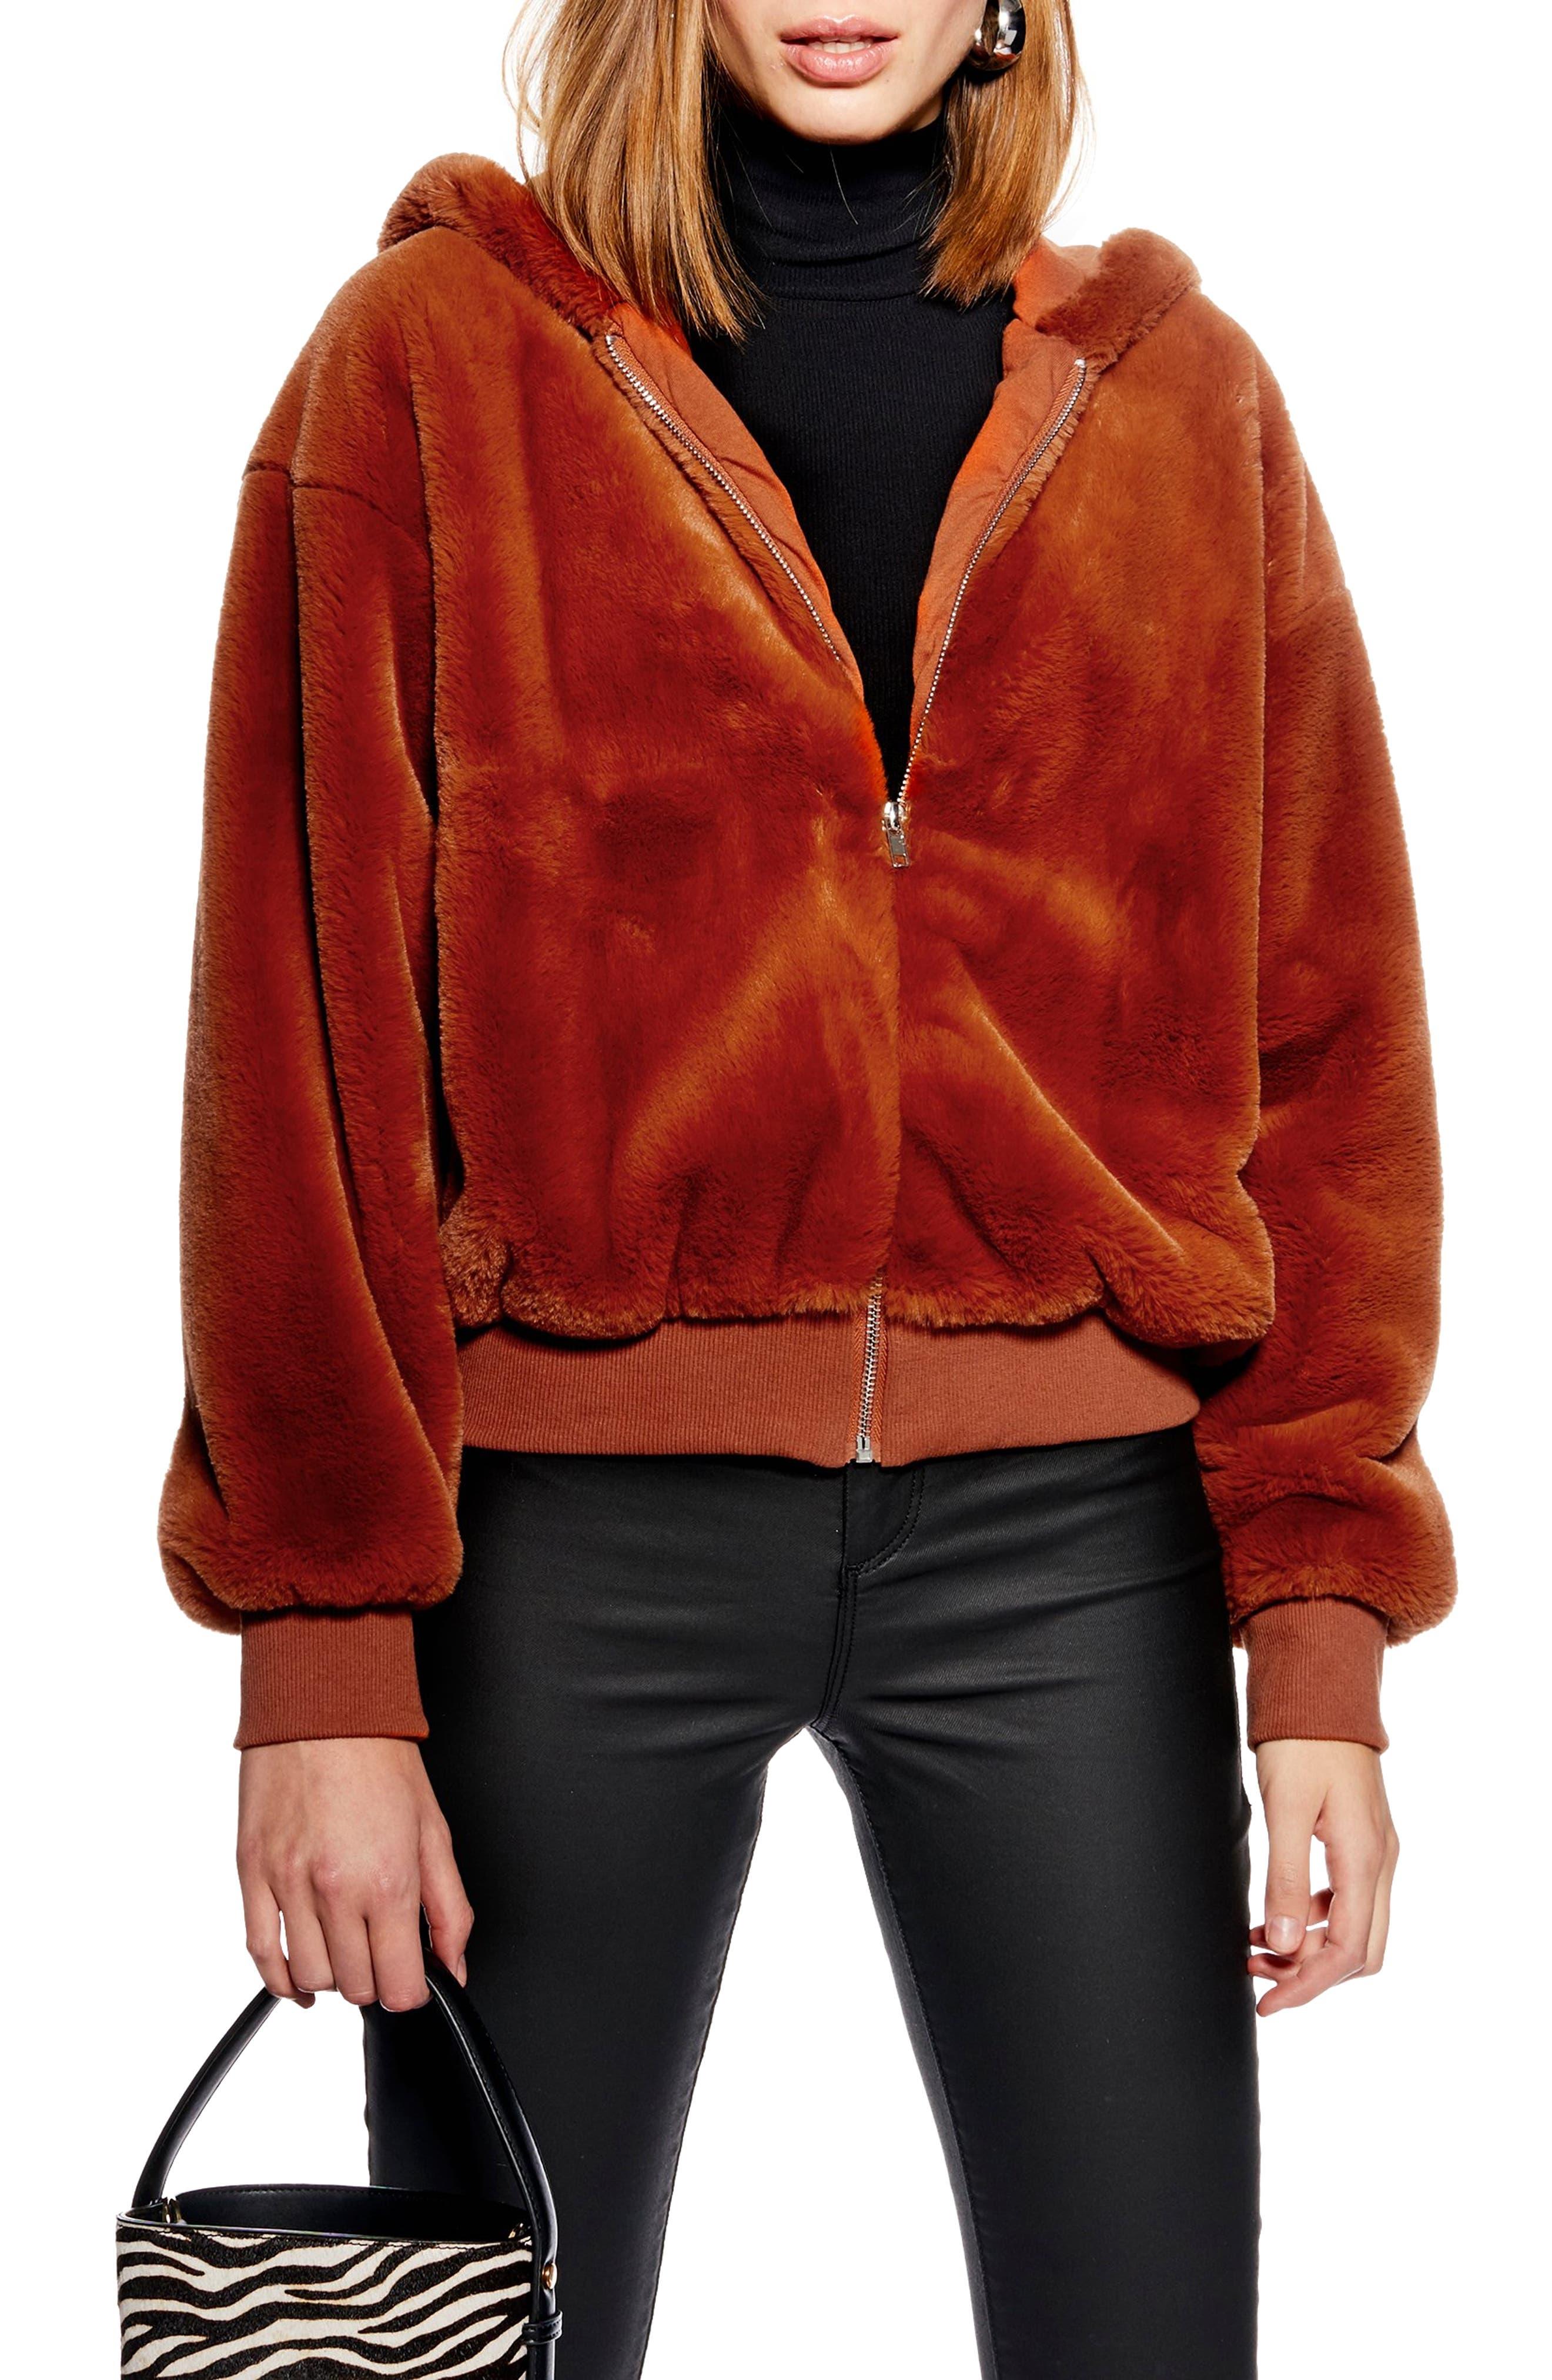 Topshop Faux Fur Zip Hooded Sweatshirt